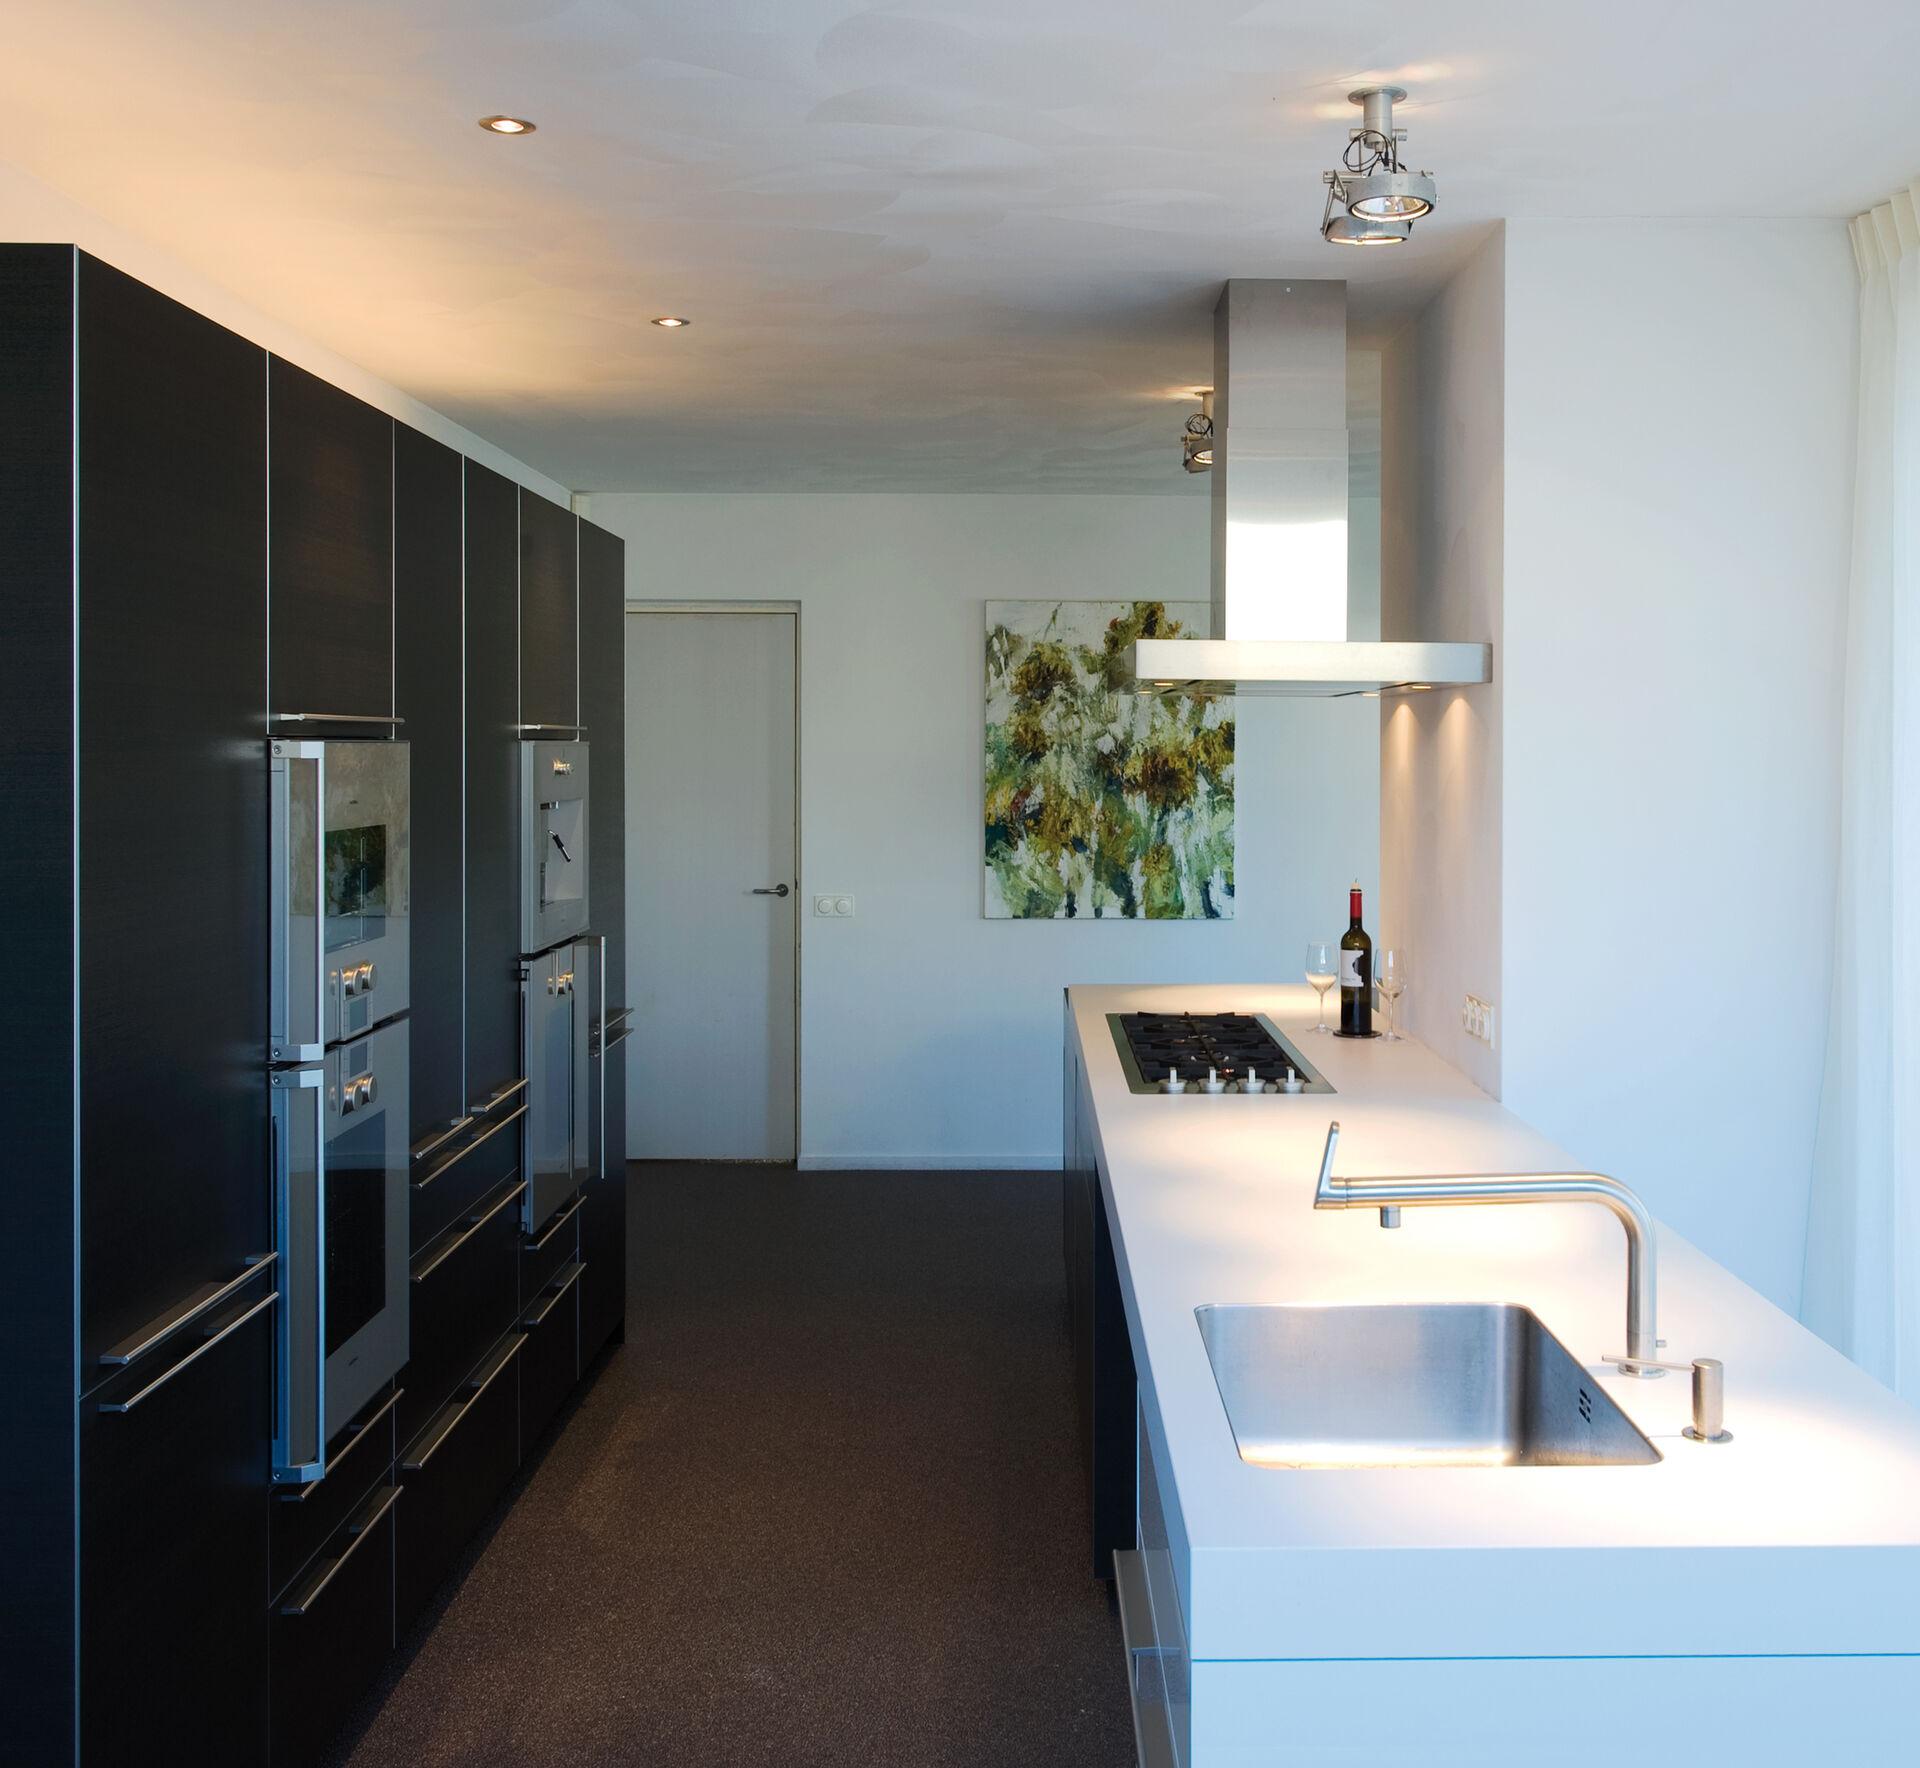 Parallel keuken met kastenwand